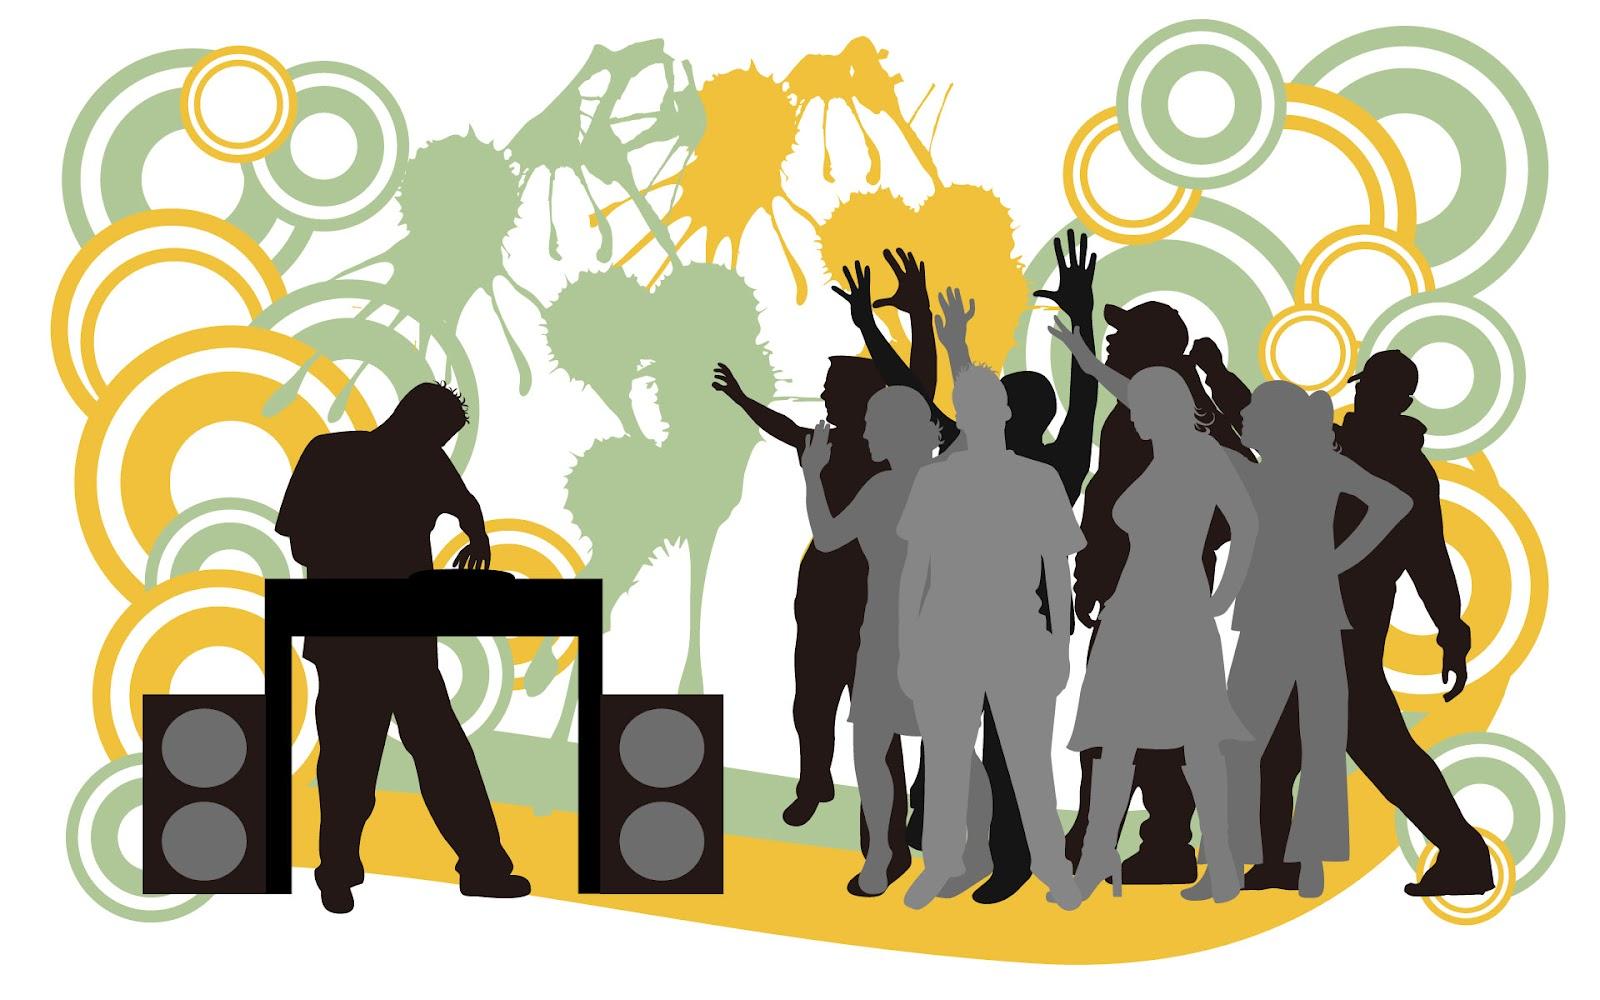 http://3.bp.blogspot.com/-P2rZ-bmkyiY/T5HNyYxE09I/AAAAAAAAEJw/6zJaEkVjr2E/s1600/dubstep+wallpaper+-+thewallpaperdb.blogspot.com+(-)+(26).jpg